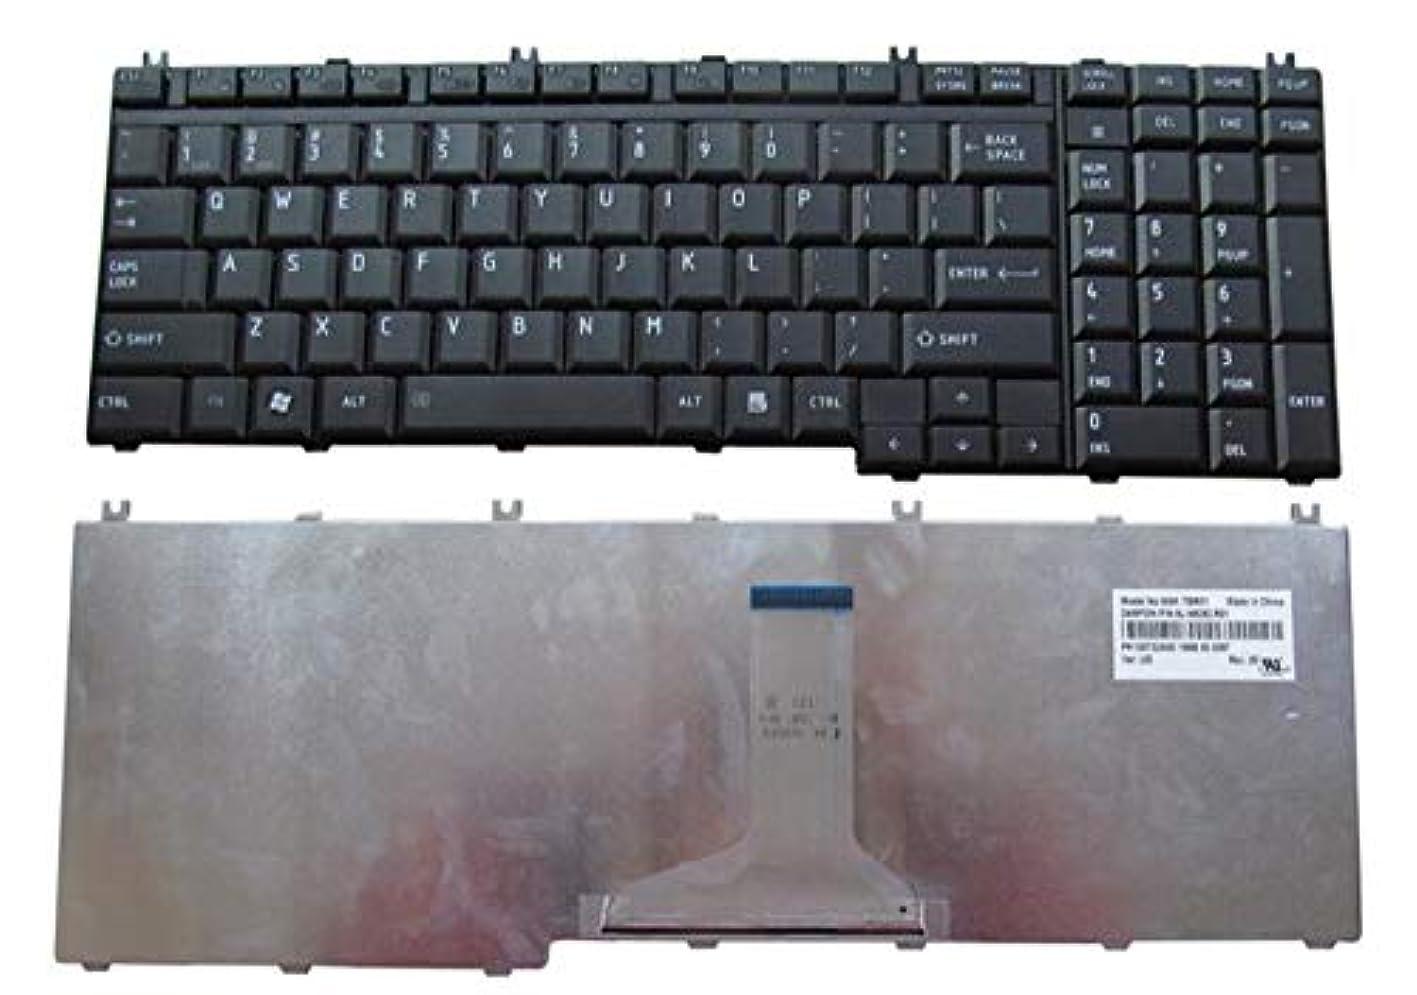 パイプライン解釈する医学英語usキーボード 適用する 東芝 dynabook B650/B B651/C B651/D B651/E B652/F B652/G B652/H 修理交換用